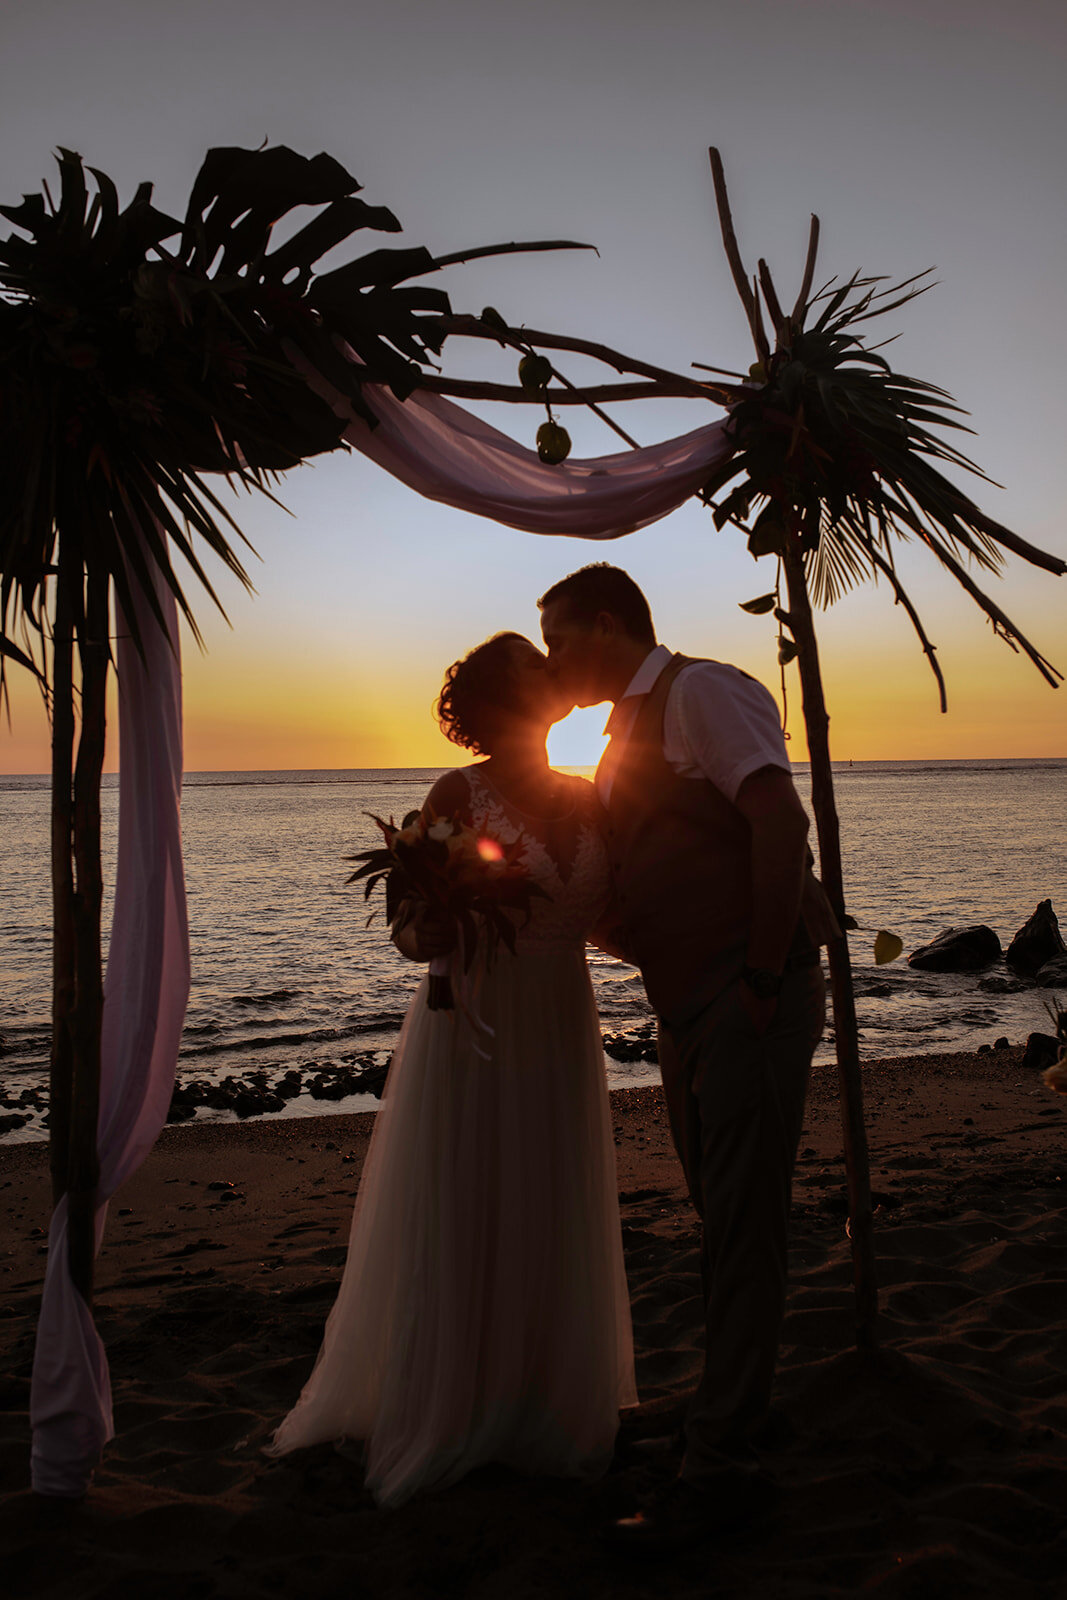 Un fort moment en émotions - On n'a pas pu se retenir de verser une larme pendant les échanges de vœux. Les mariés ont réalisé des discours émouvants, touchants, intenses et sincères qui ont ému toutes les personnes réunies. A & S partagent un amour unique et fort.